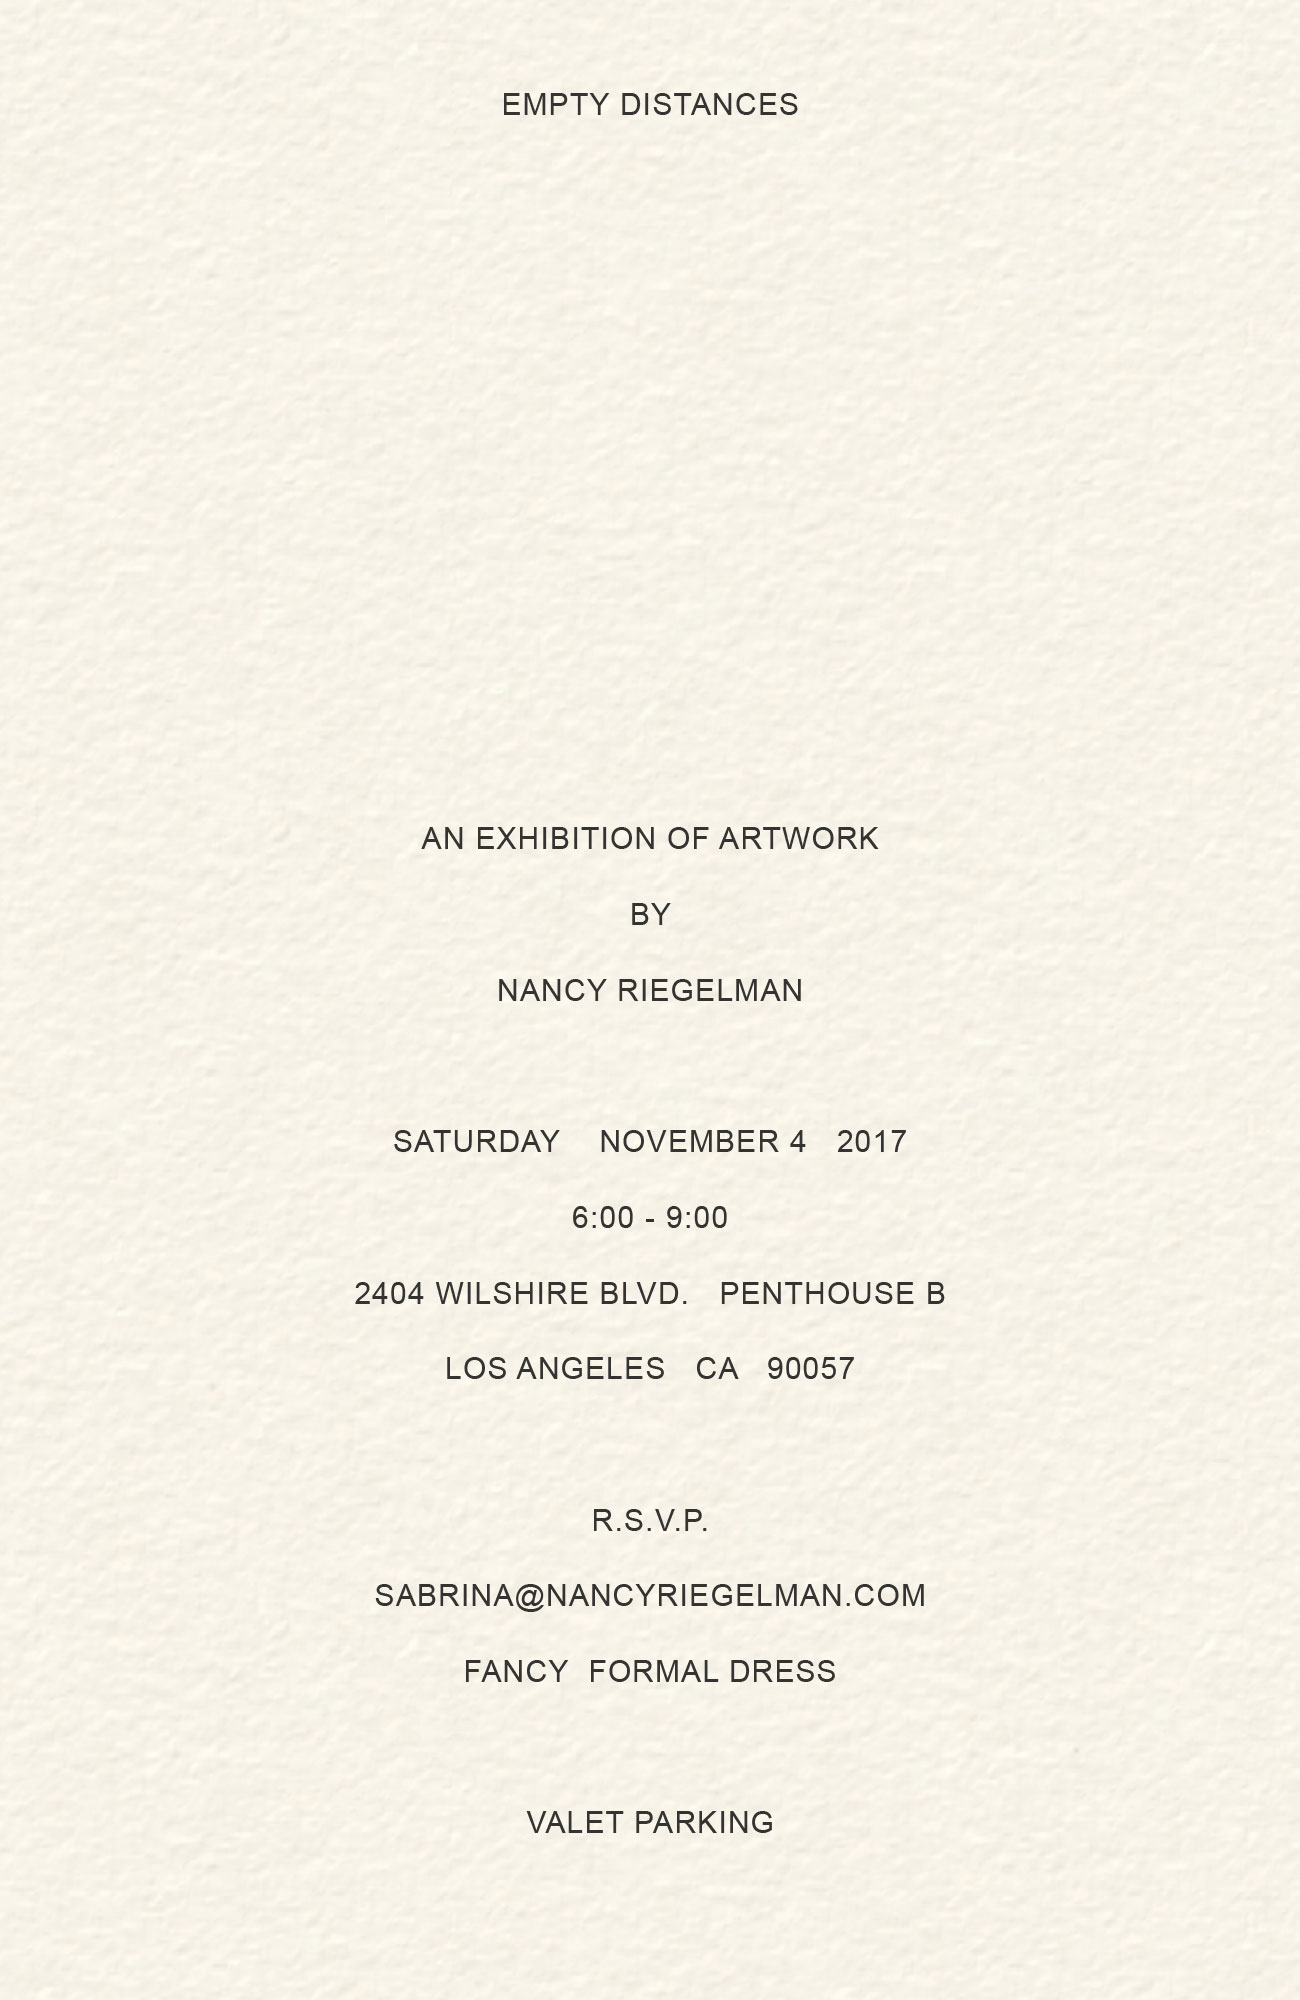 Nancy_invitation2.jpg